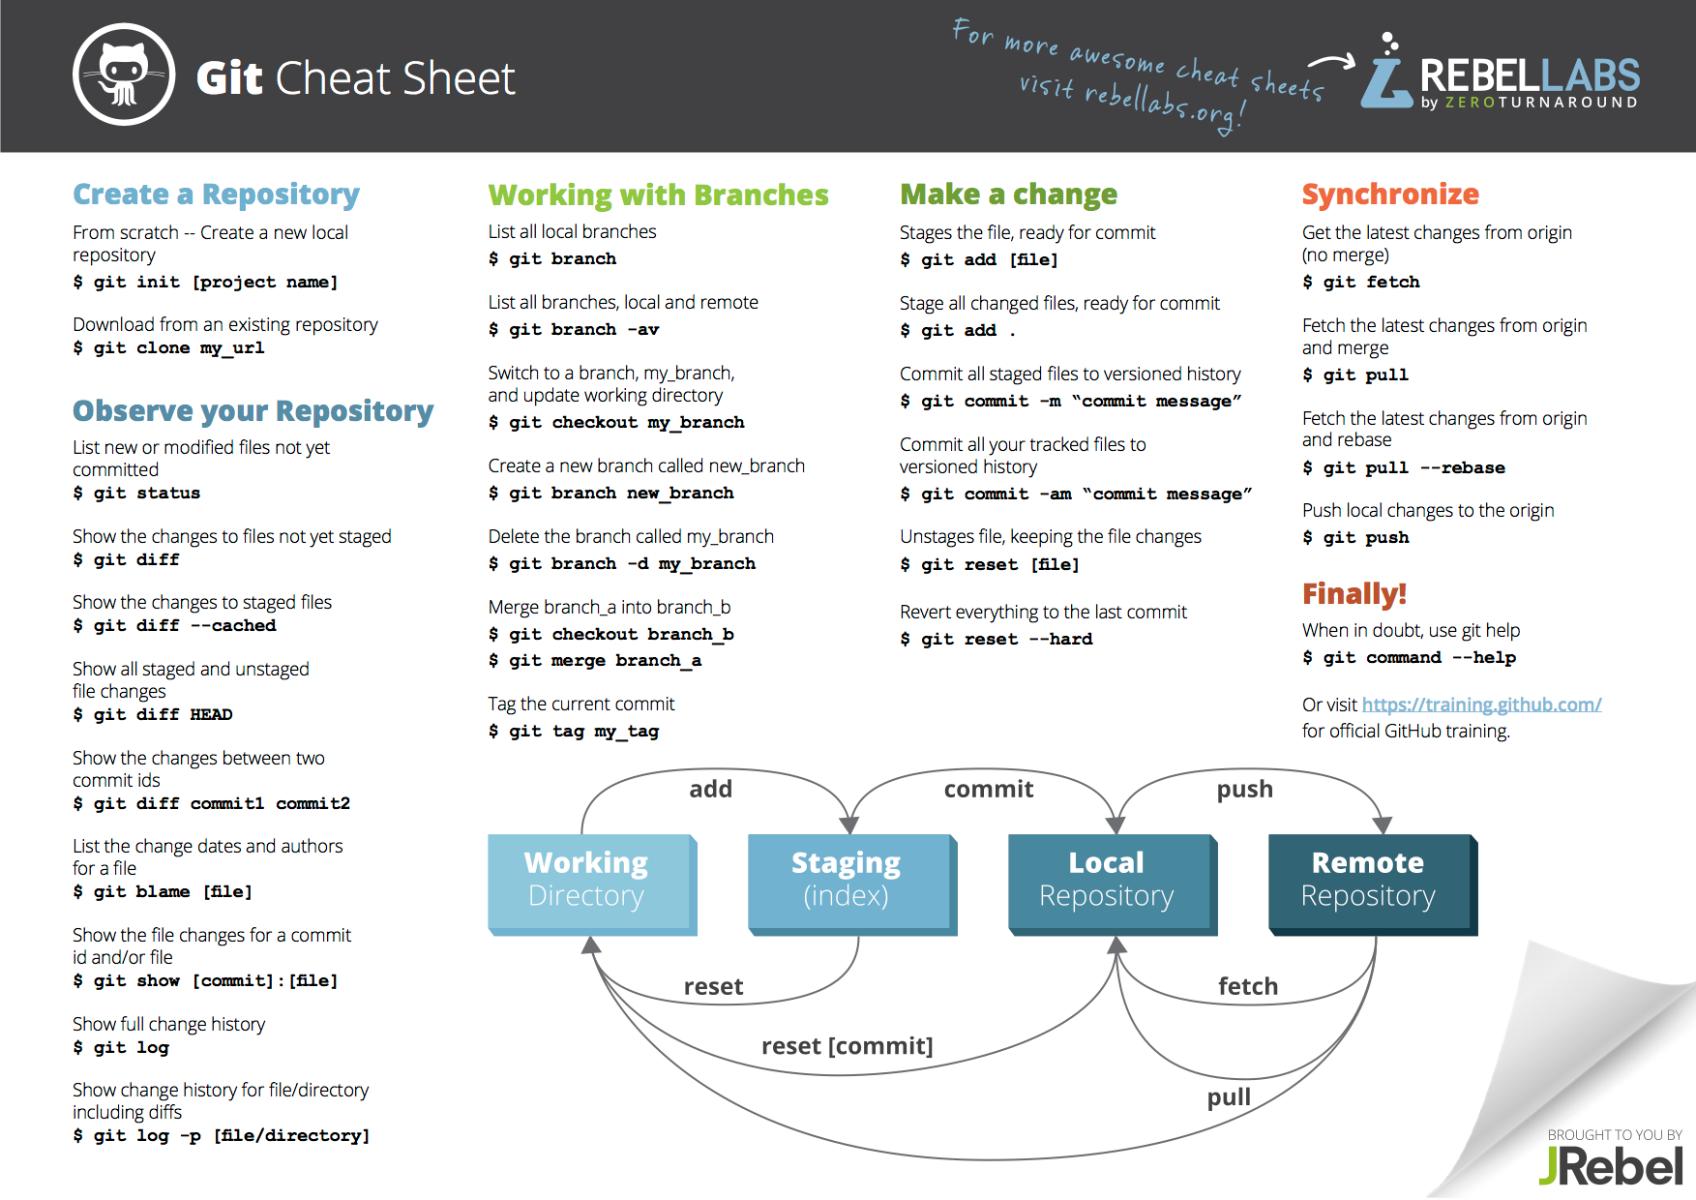 Git Cheat Sheet